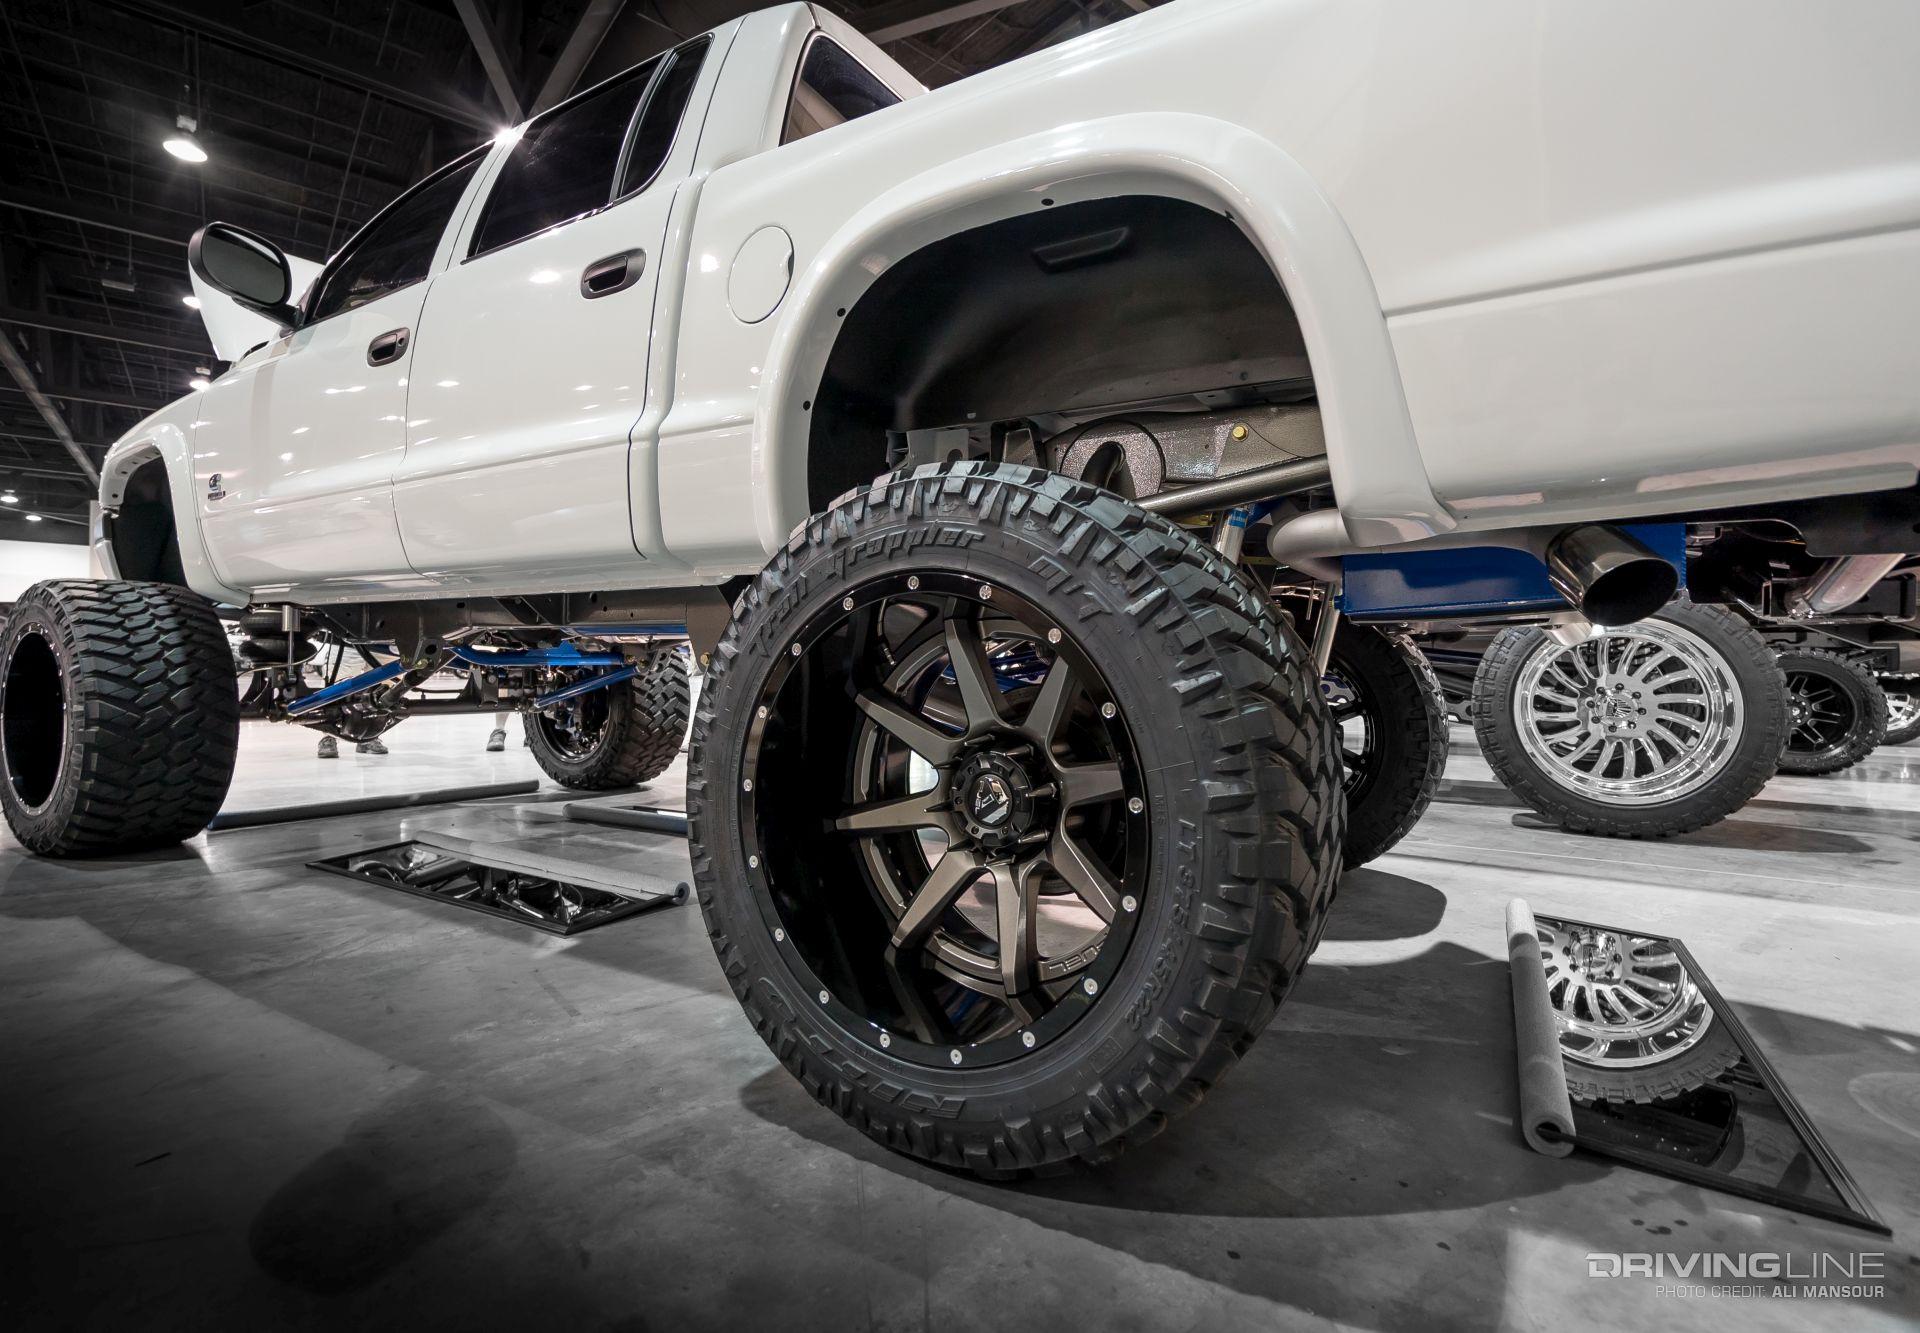 4BT Cummins + Solid-Axle Swap = The Dodge Dakota of Your